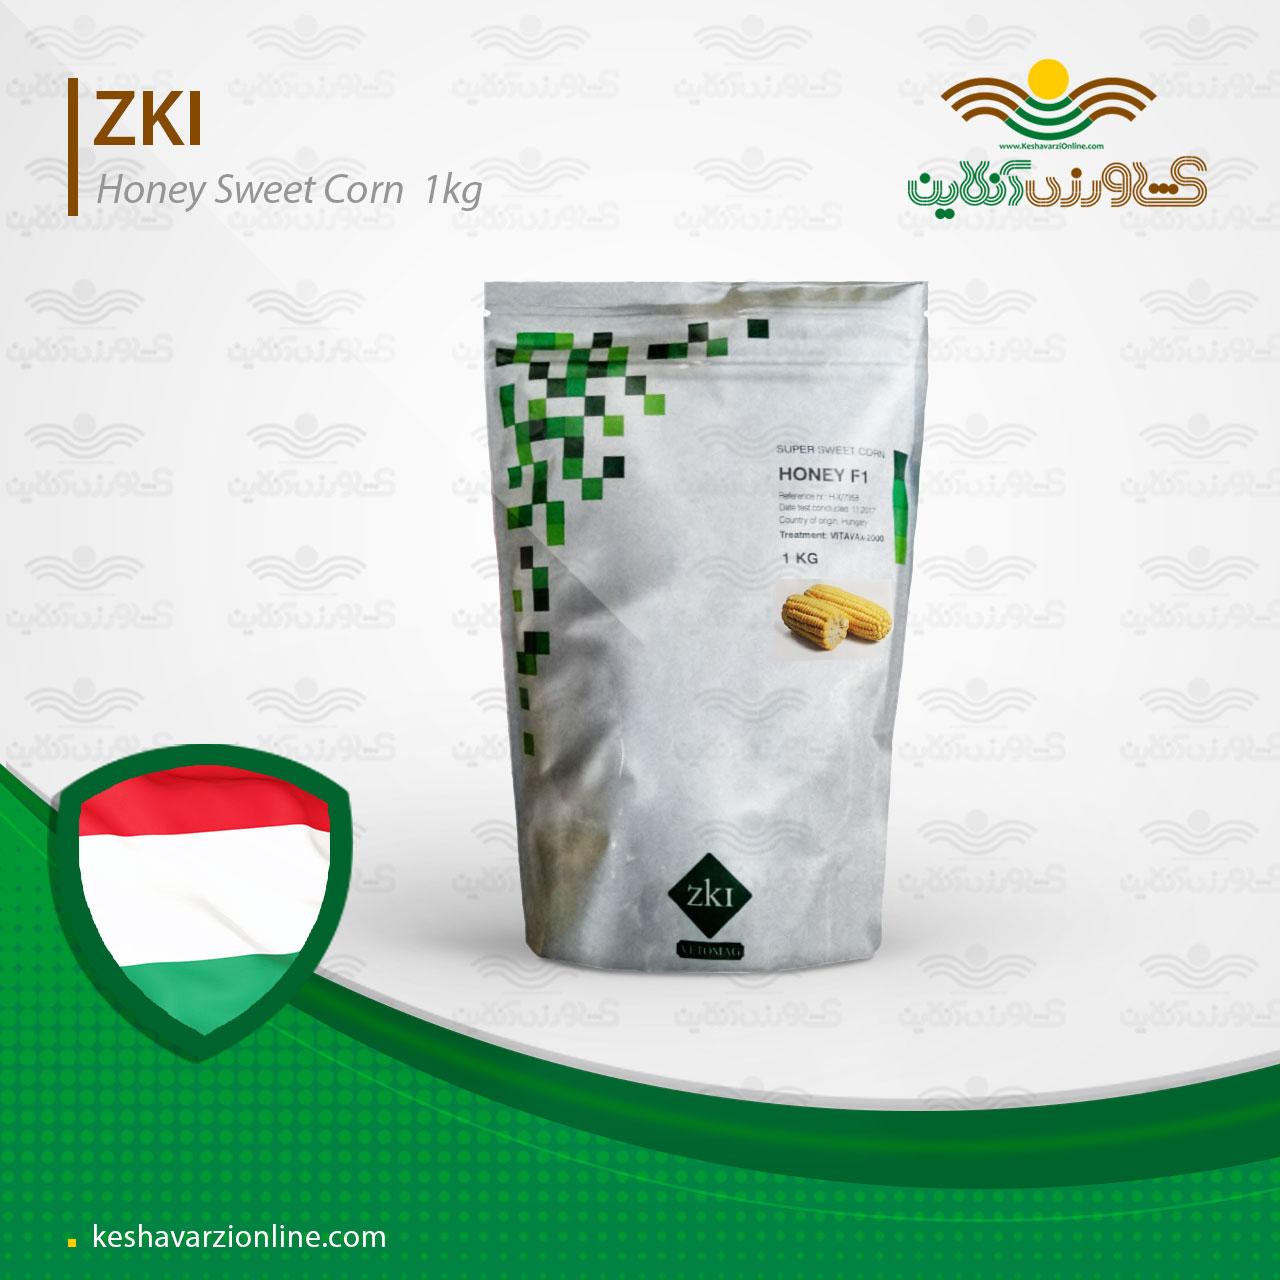 بذر ذرت شیرین هانی مجارستان ZKI